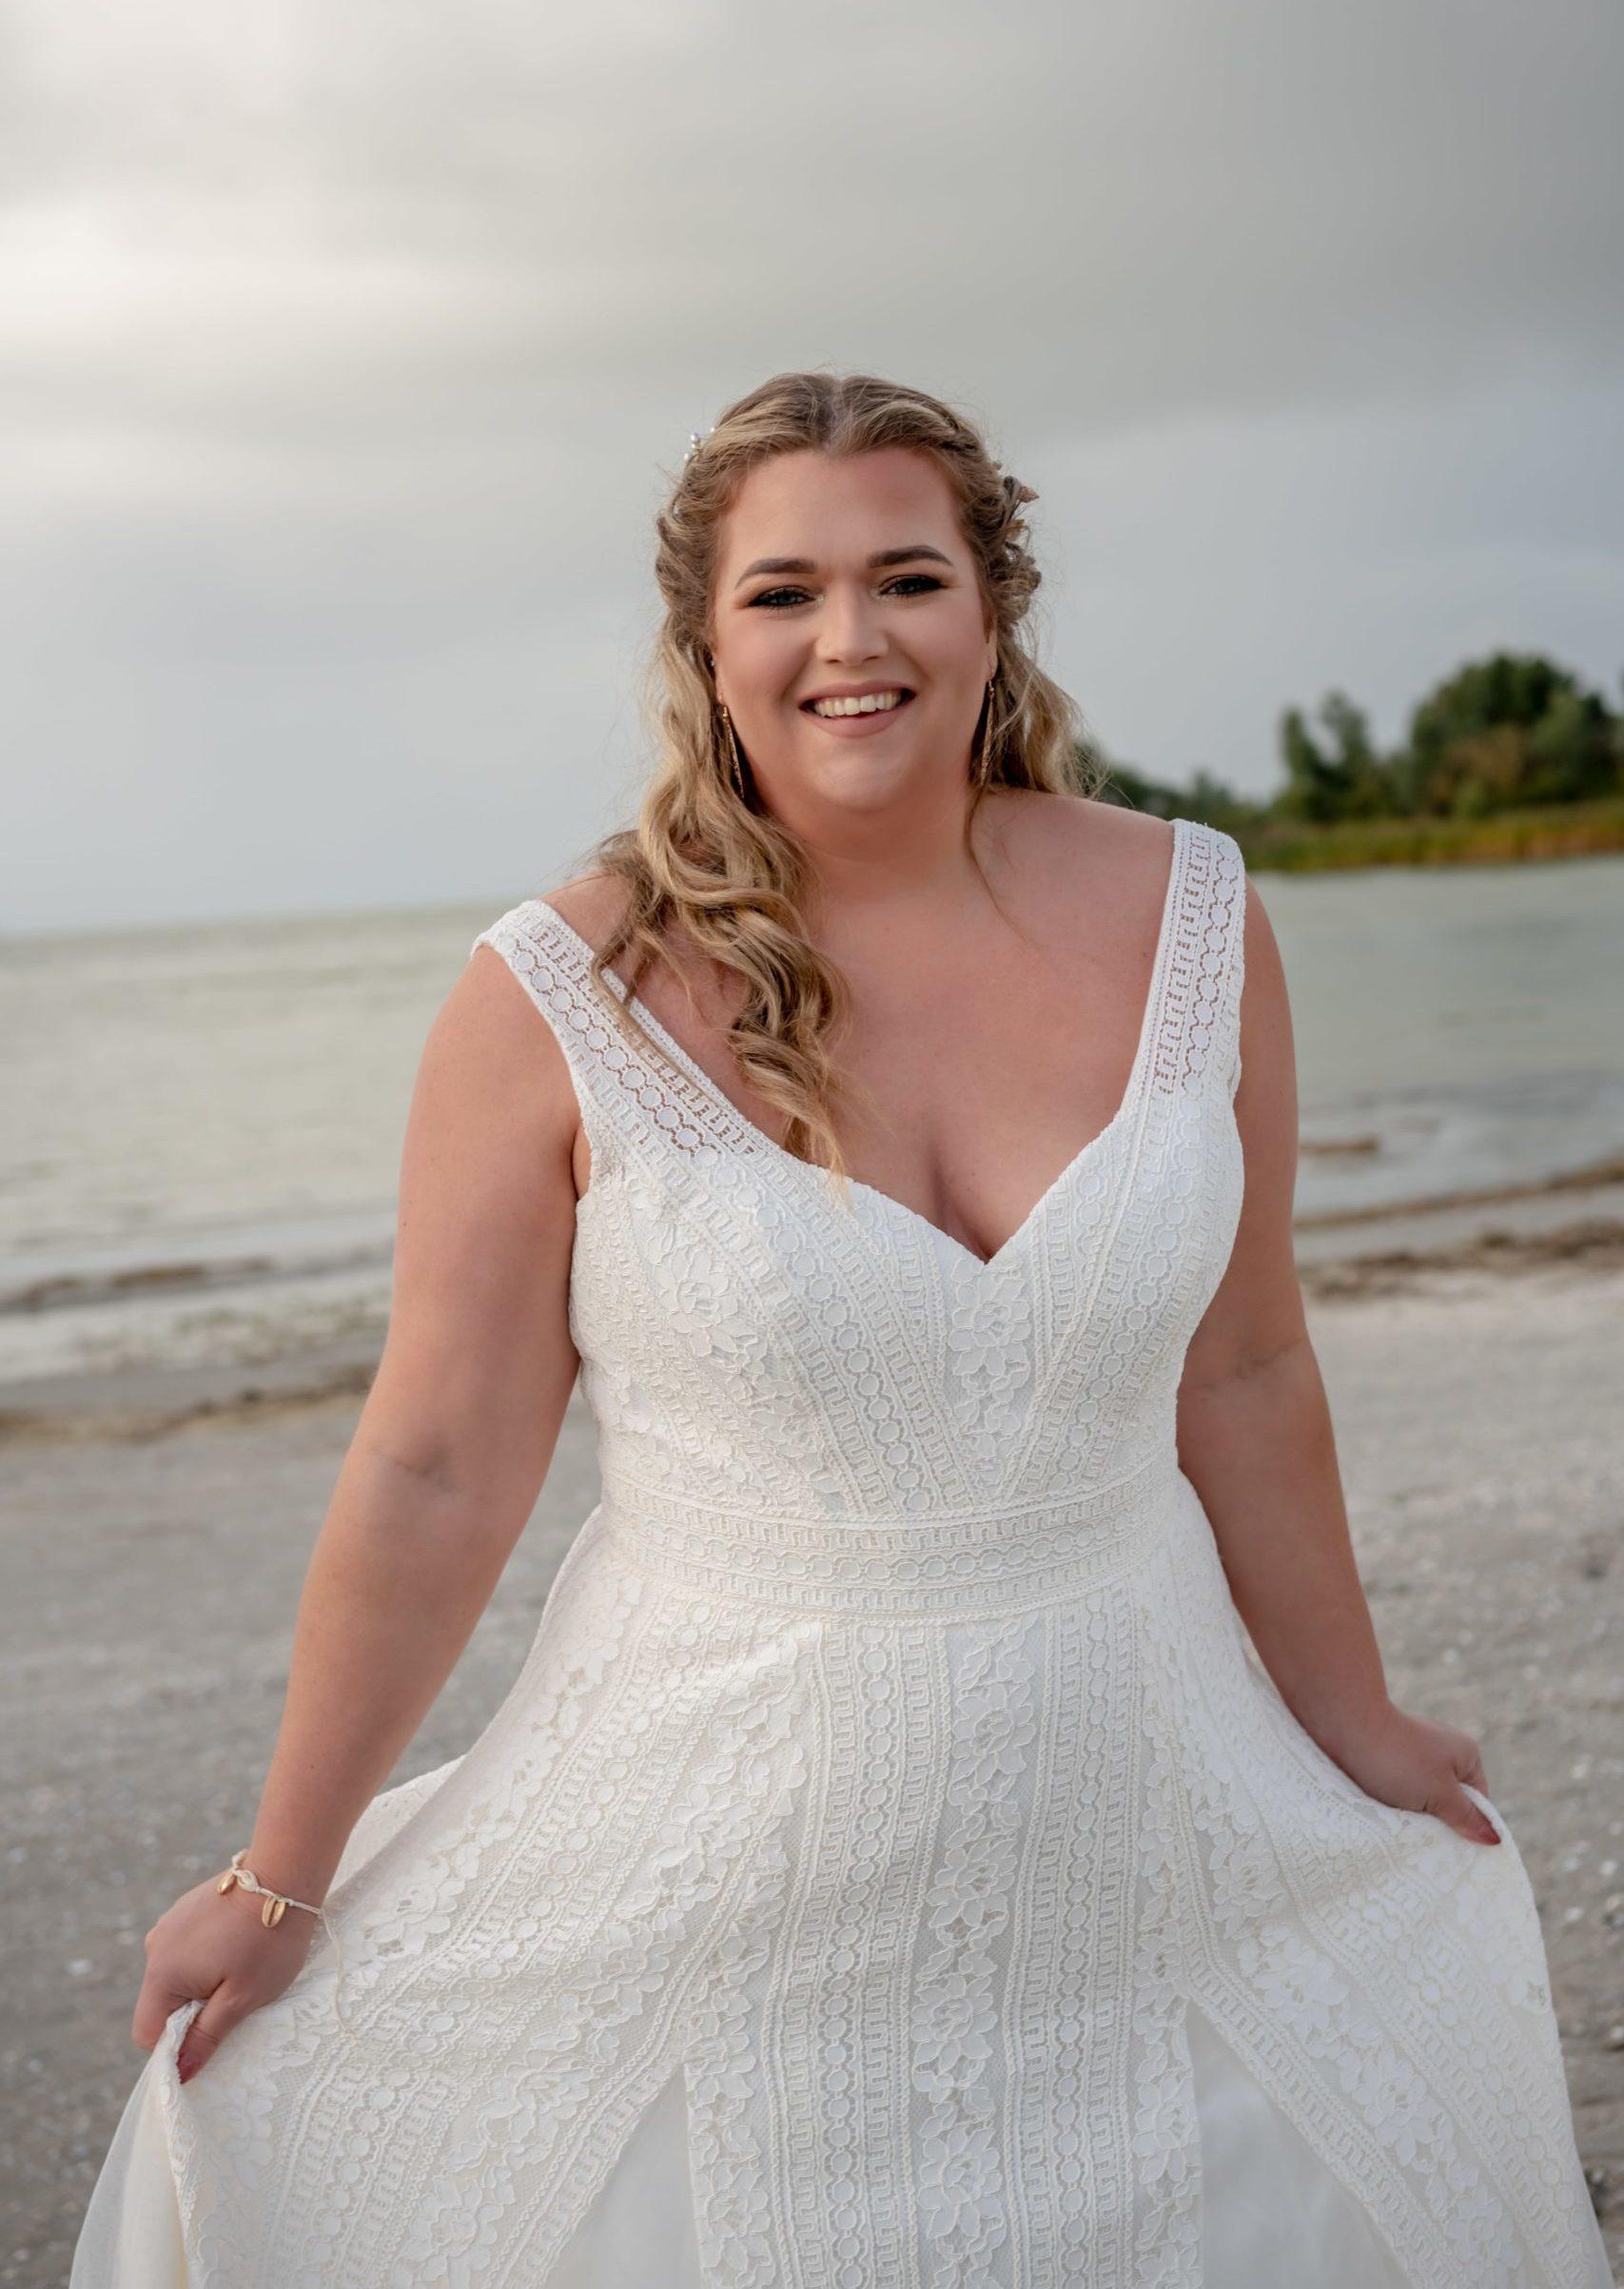 brautatelier ried-curvy bride collection-bridalstar-Gigi-detail-1-min